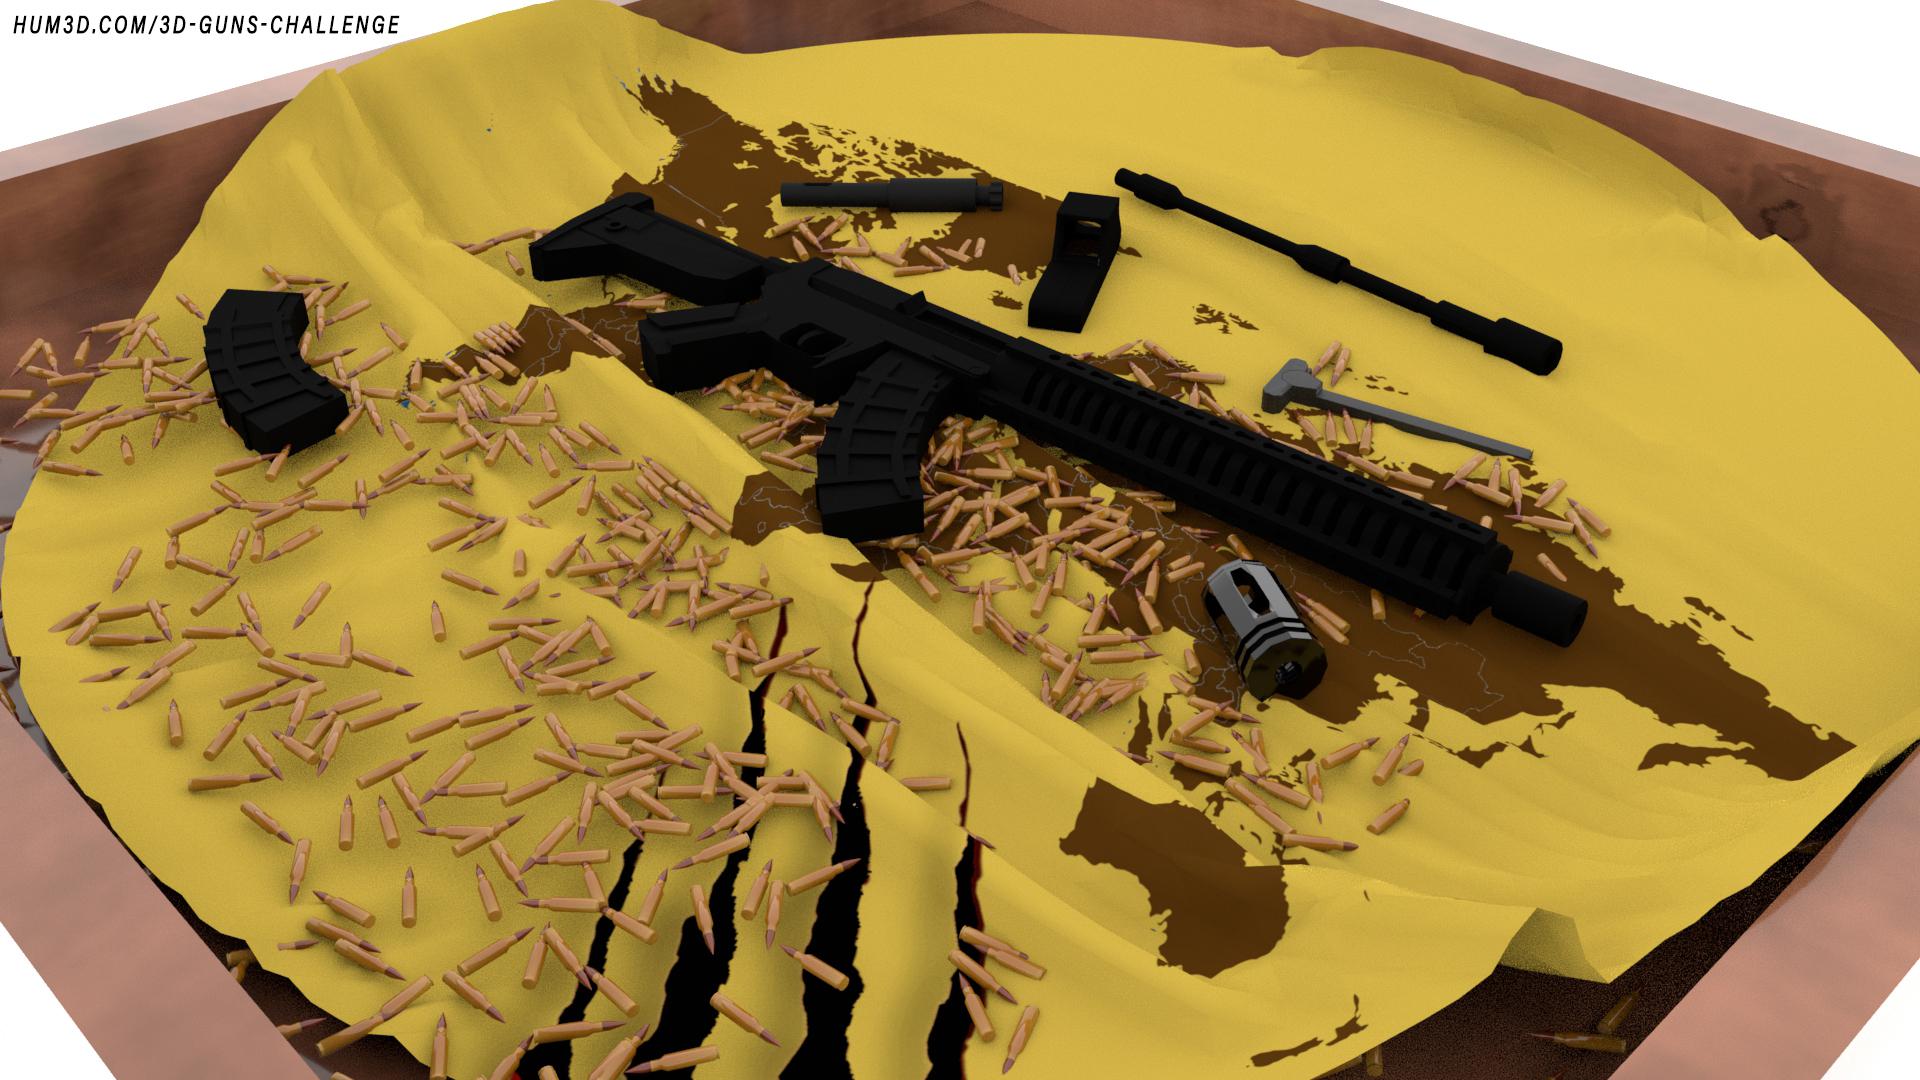 MK47 Rifle 3d art